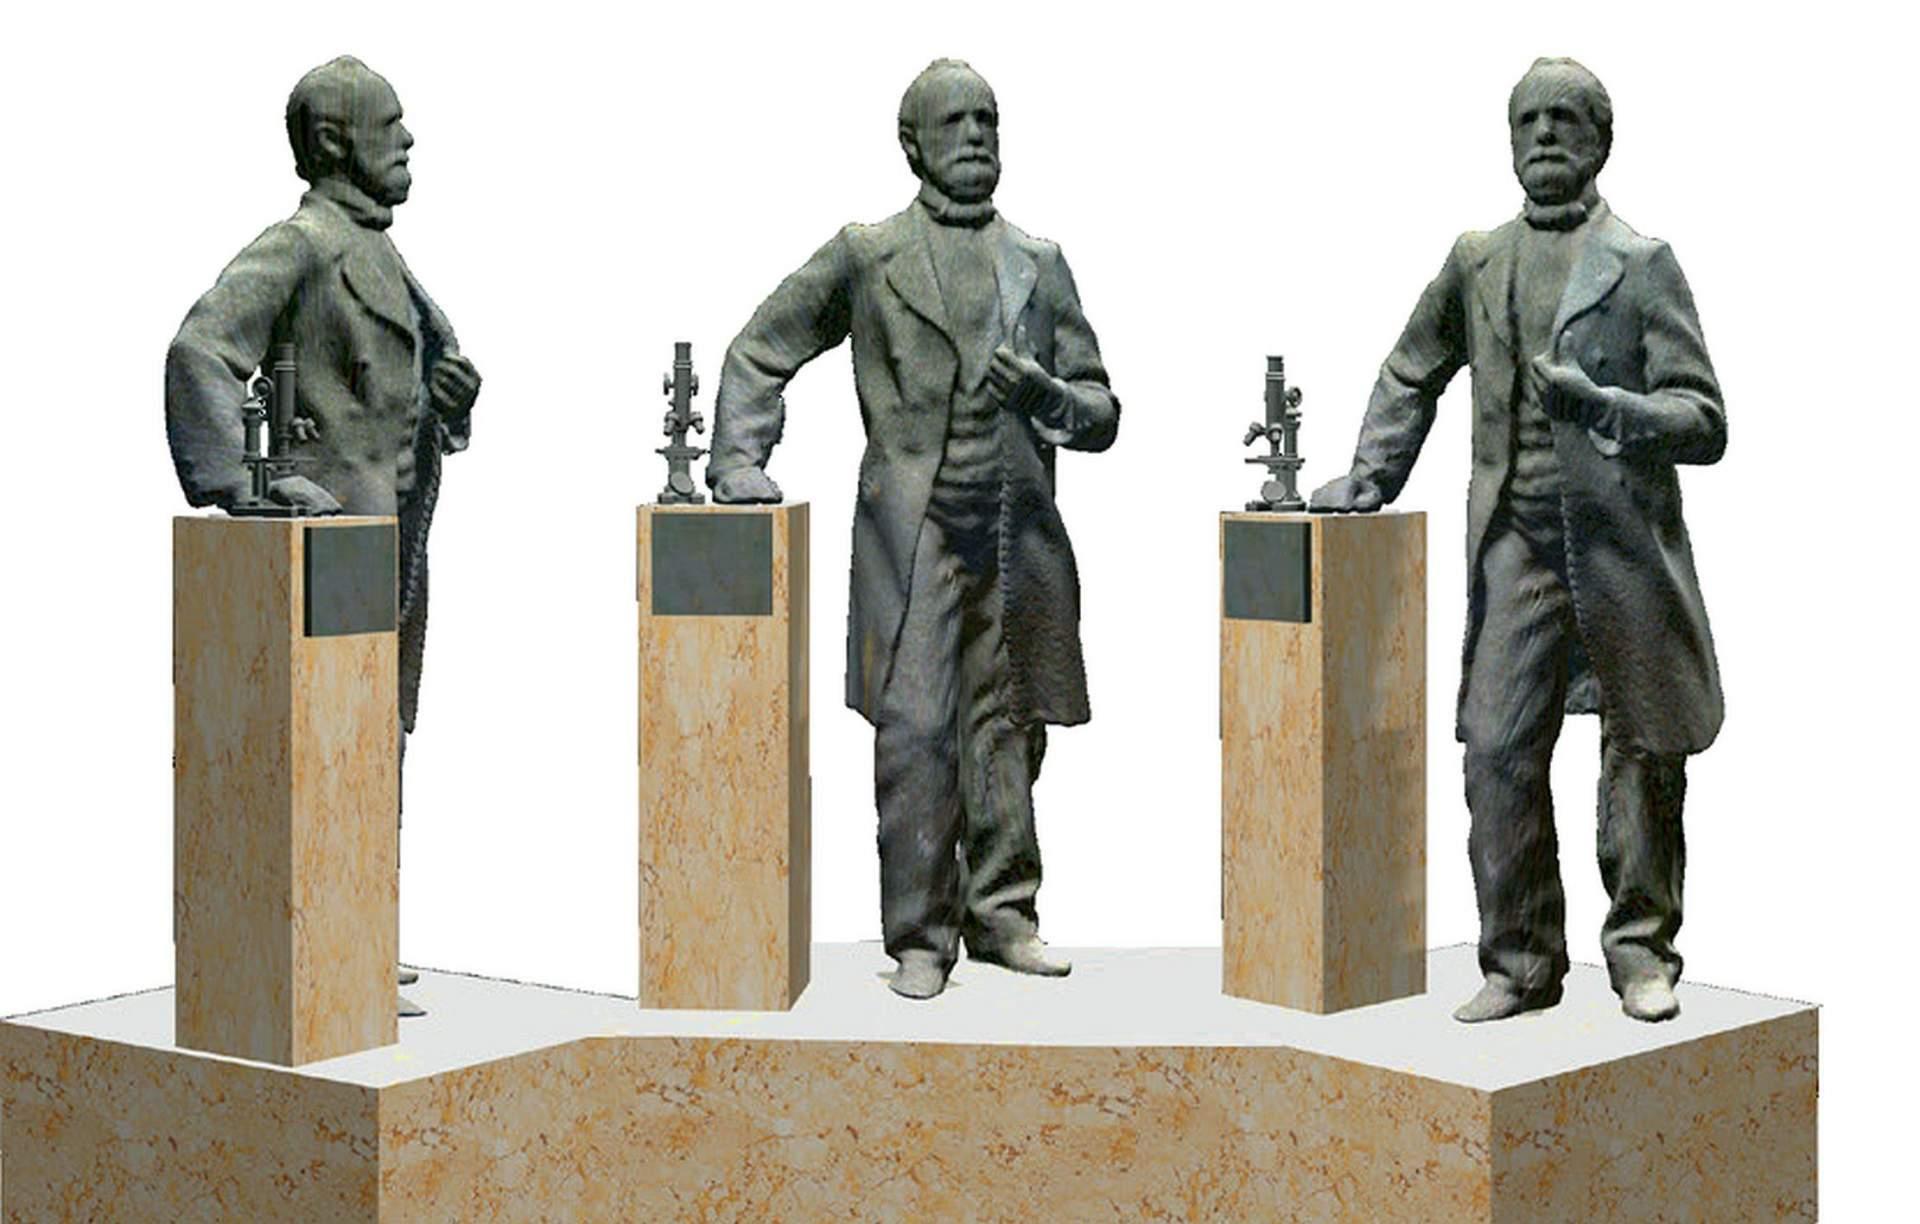 s Carl Zeiß Denkmal auf dem Johannisplatz in Jena - Künstlerentwurf von Klaus-Dieter Locke. Zu sehen von links, rechts und von vorn.